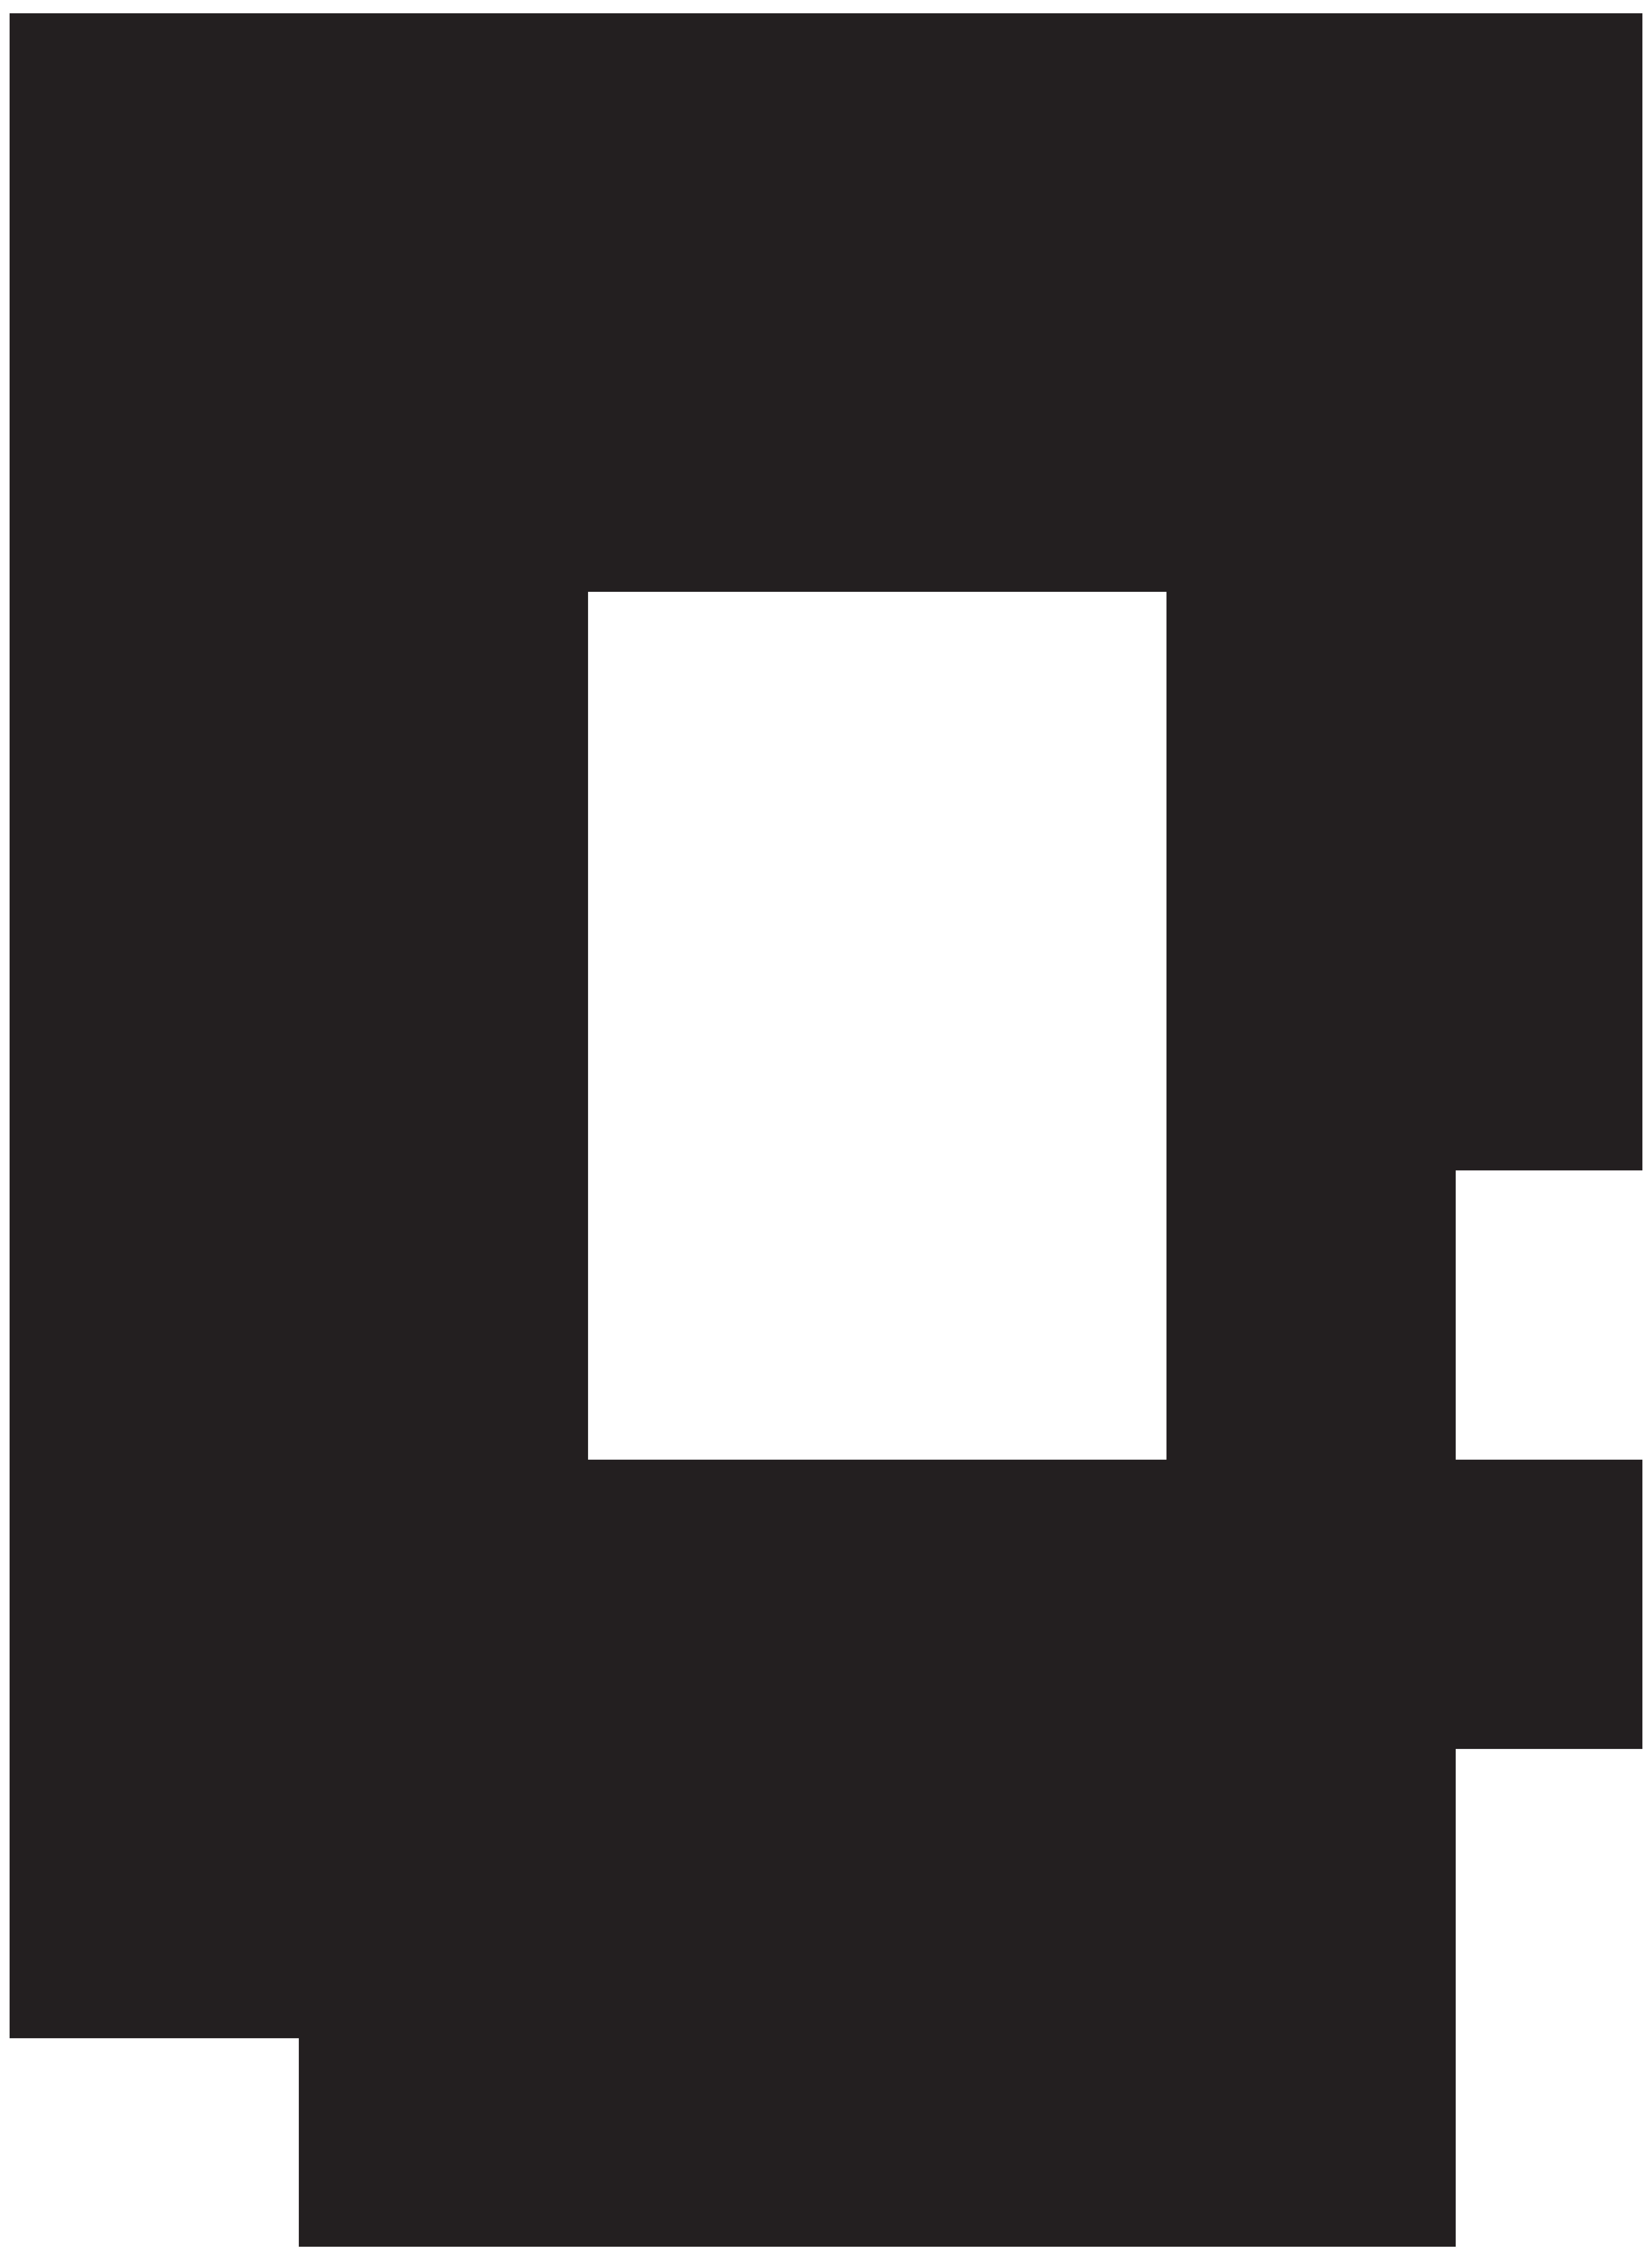 Man Hair Beard Mustache PNG Clip Art Image